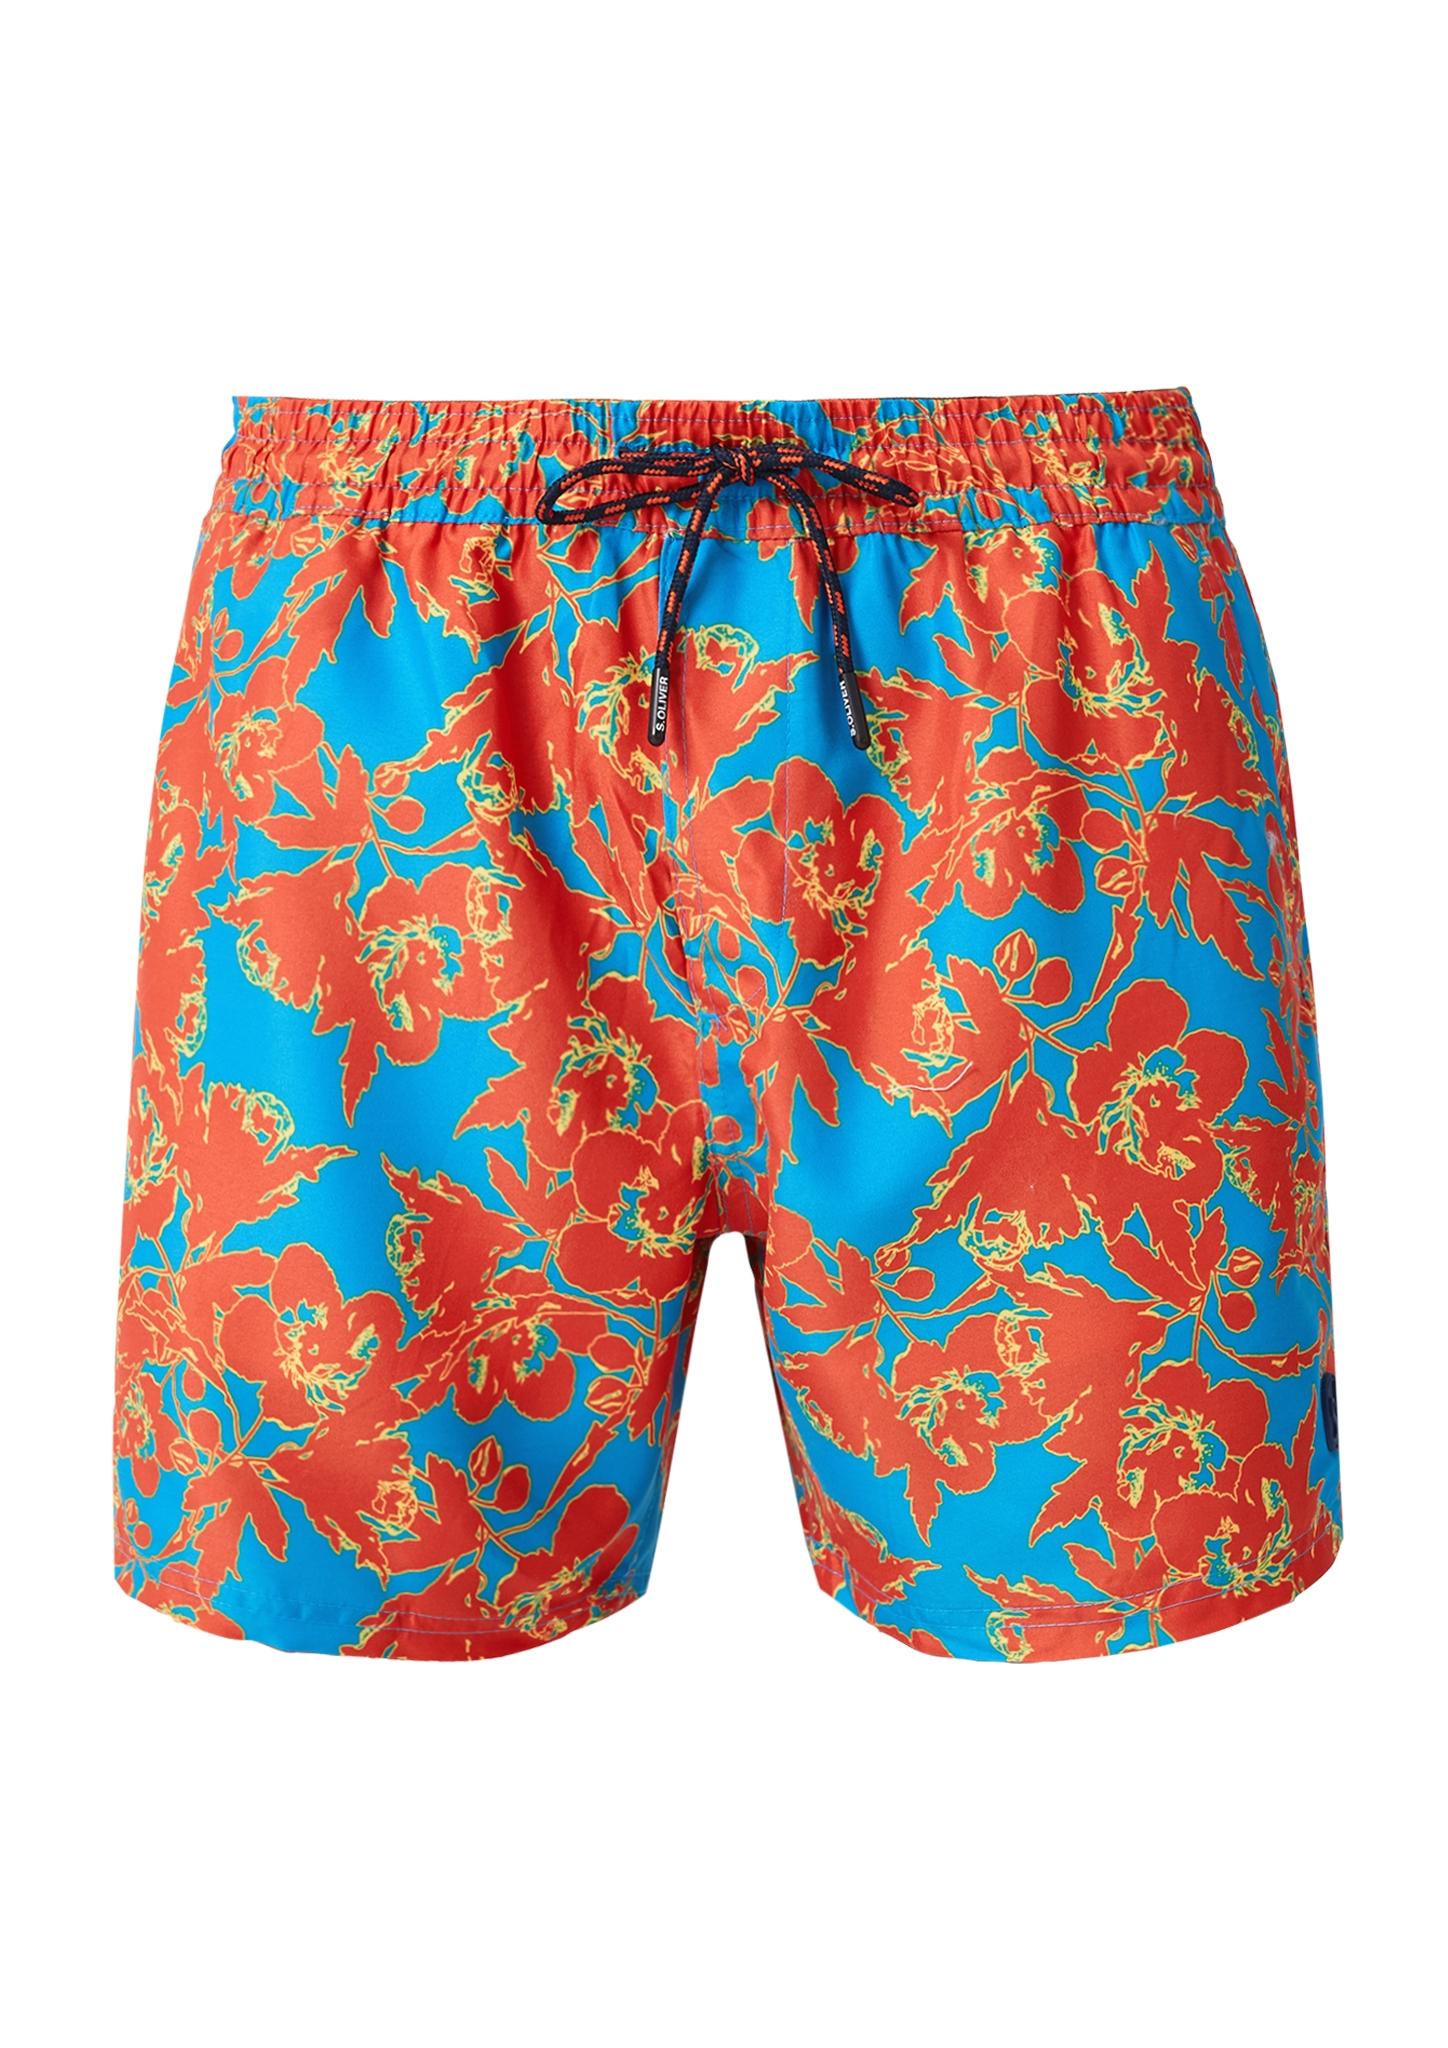 Badehose   Bekleidung > Bademode   Blau   Oberstoff: 100% polyester  futter: 100% polyester   s.Oliver